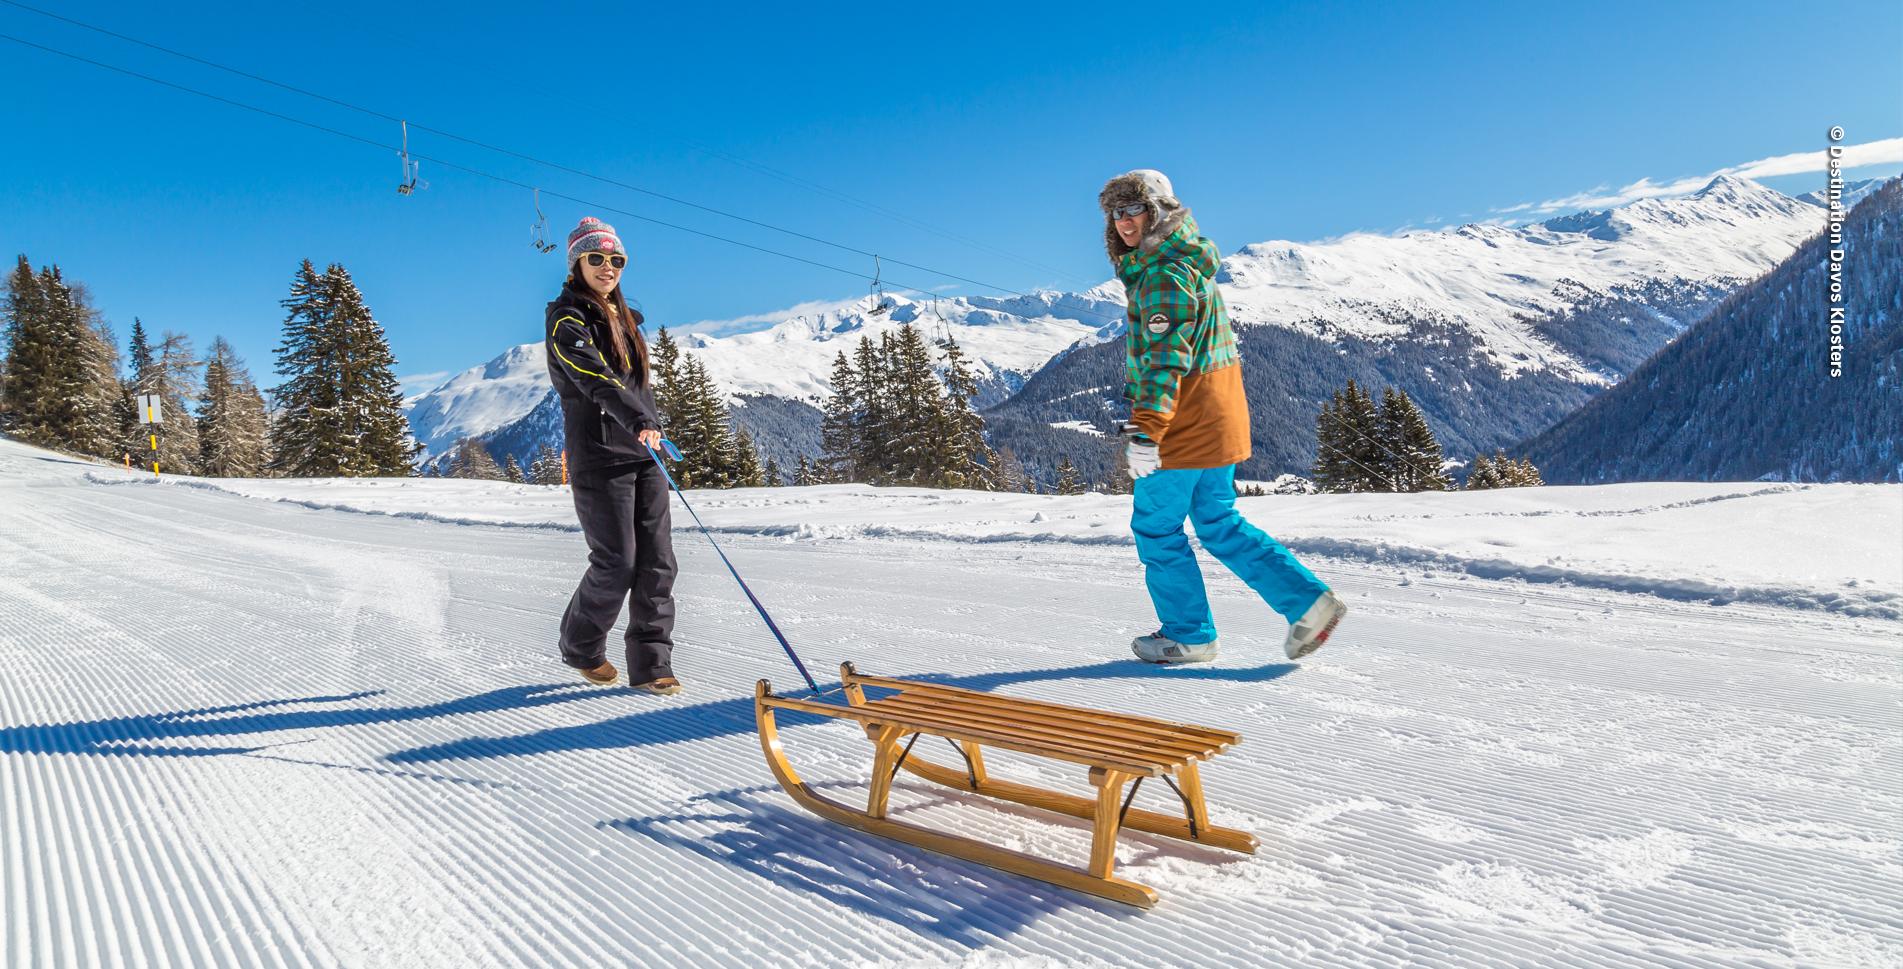 Winterwanderung von Davos Platz, Hohe Promenade, zur Schatzalp und zur Strela Alp mit anschliessendem Schlitten durch den Zauberwald bis hinunter nach Davos